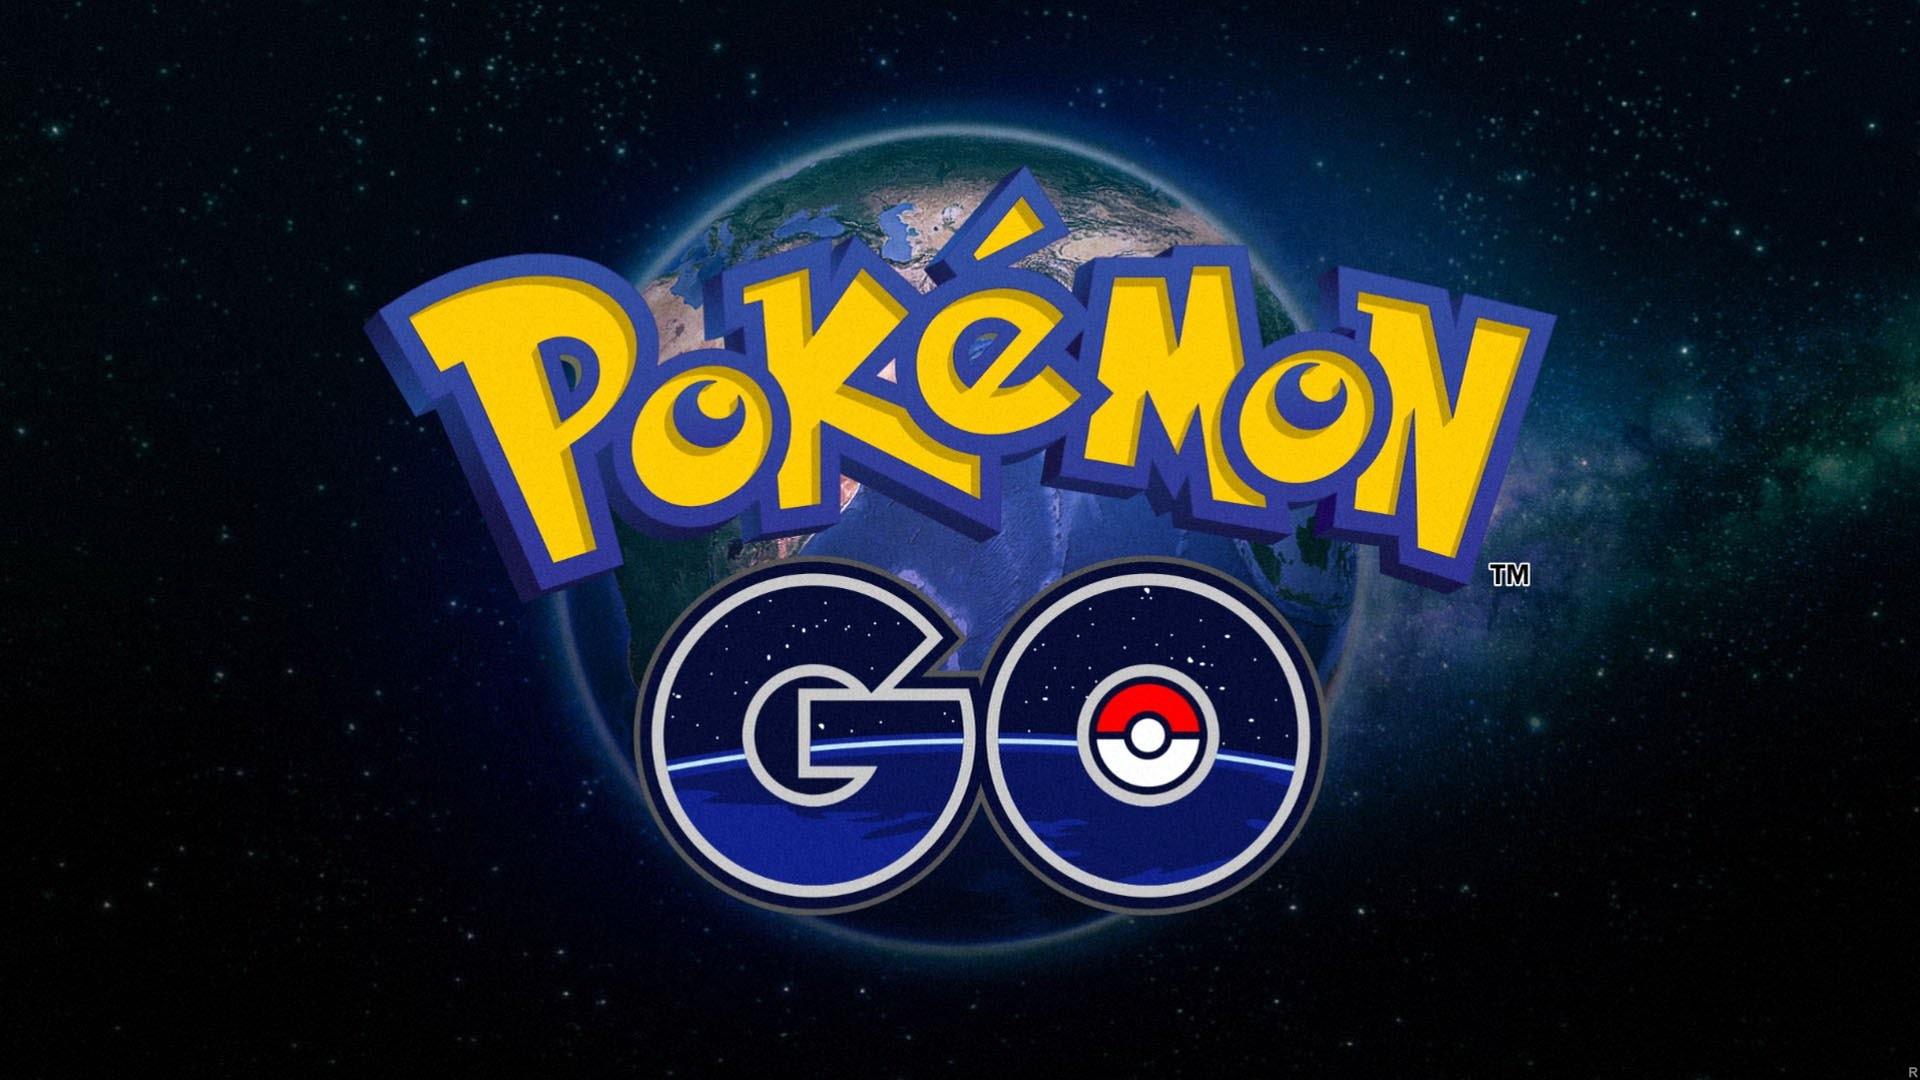 Покемон Го (Pokemon Go) – 10 редчайших покемонов. Где найти, как выслеживать?